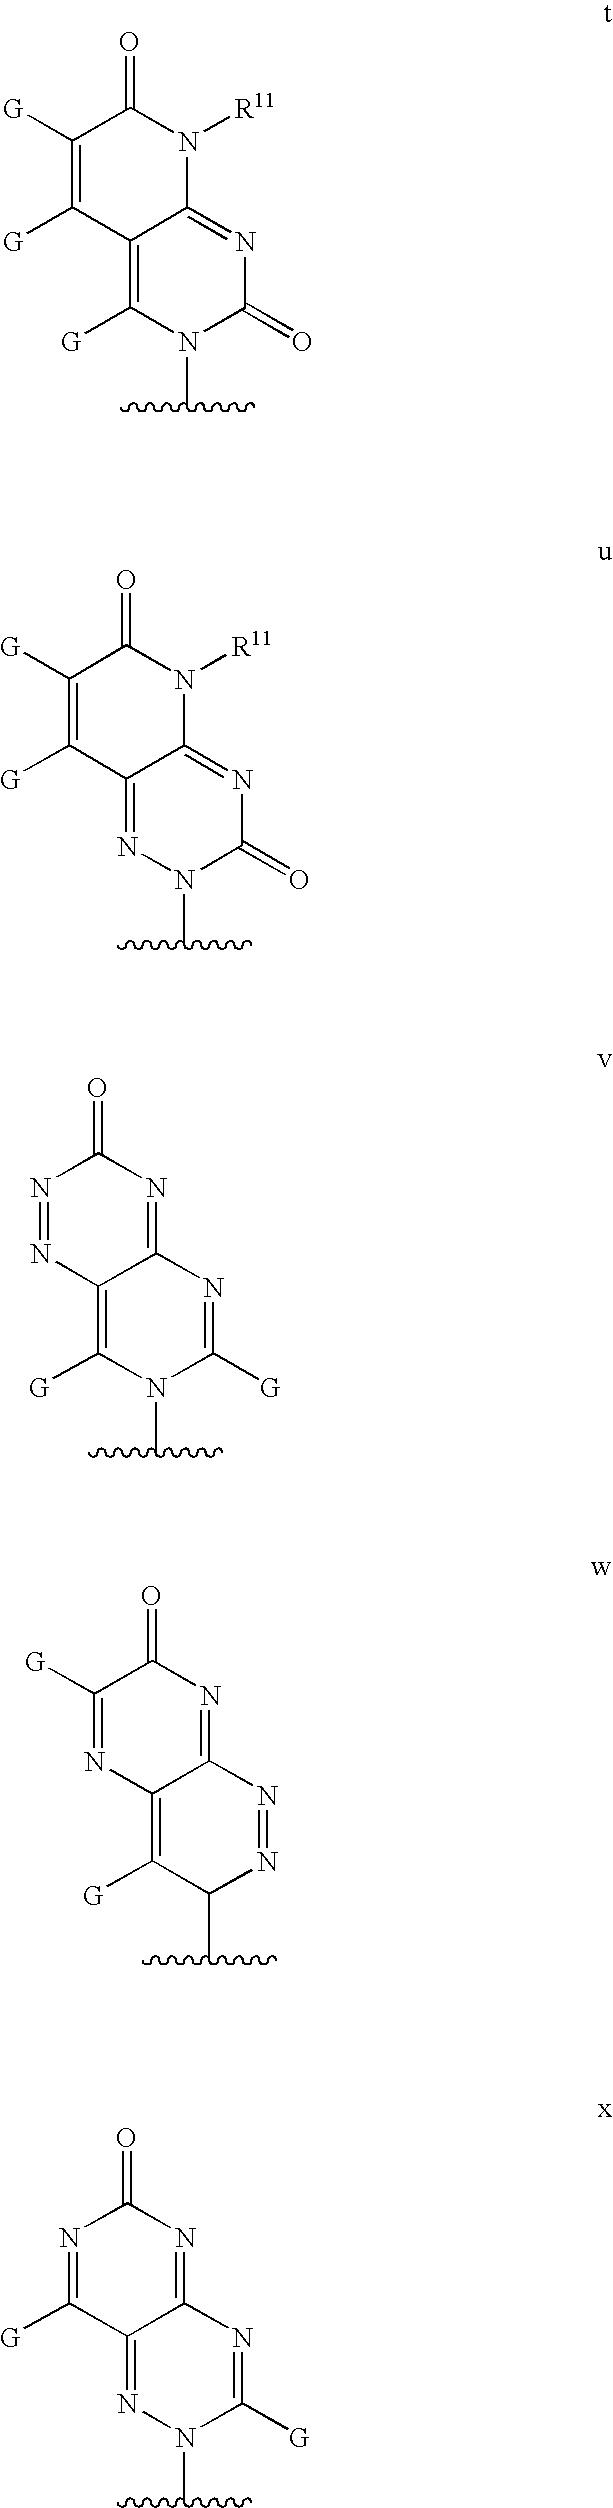 Figure US08173621-20120508-C00008